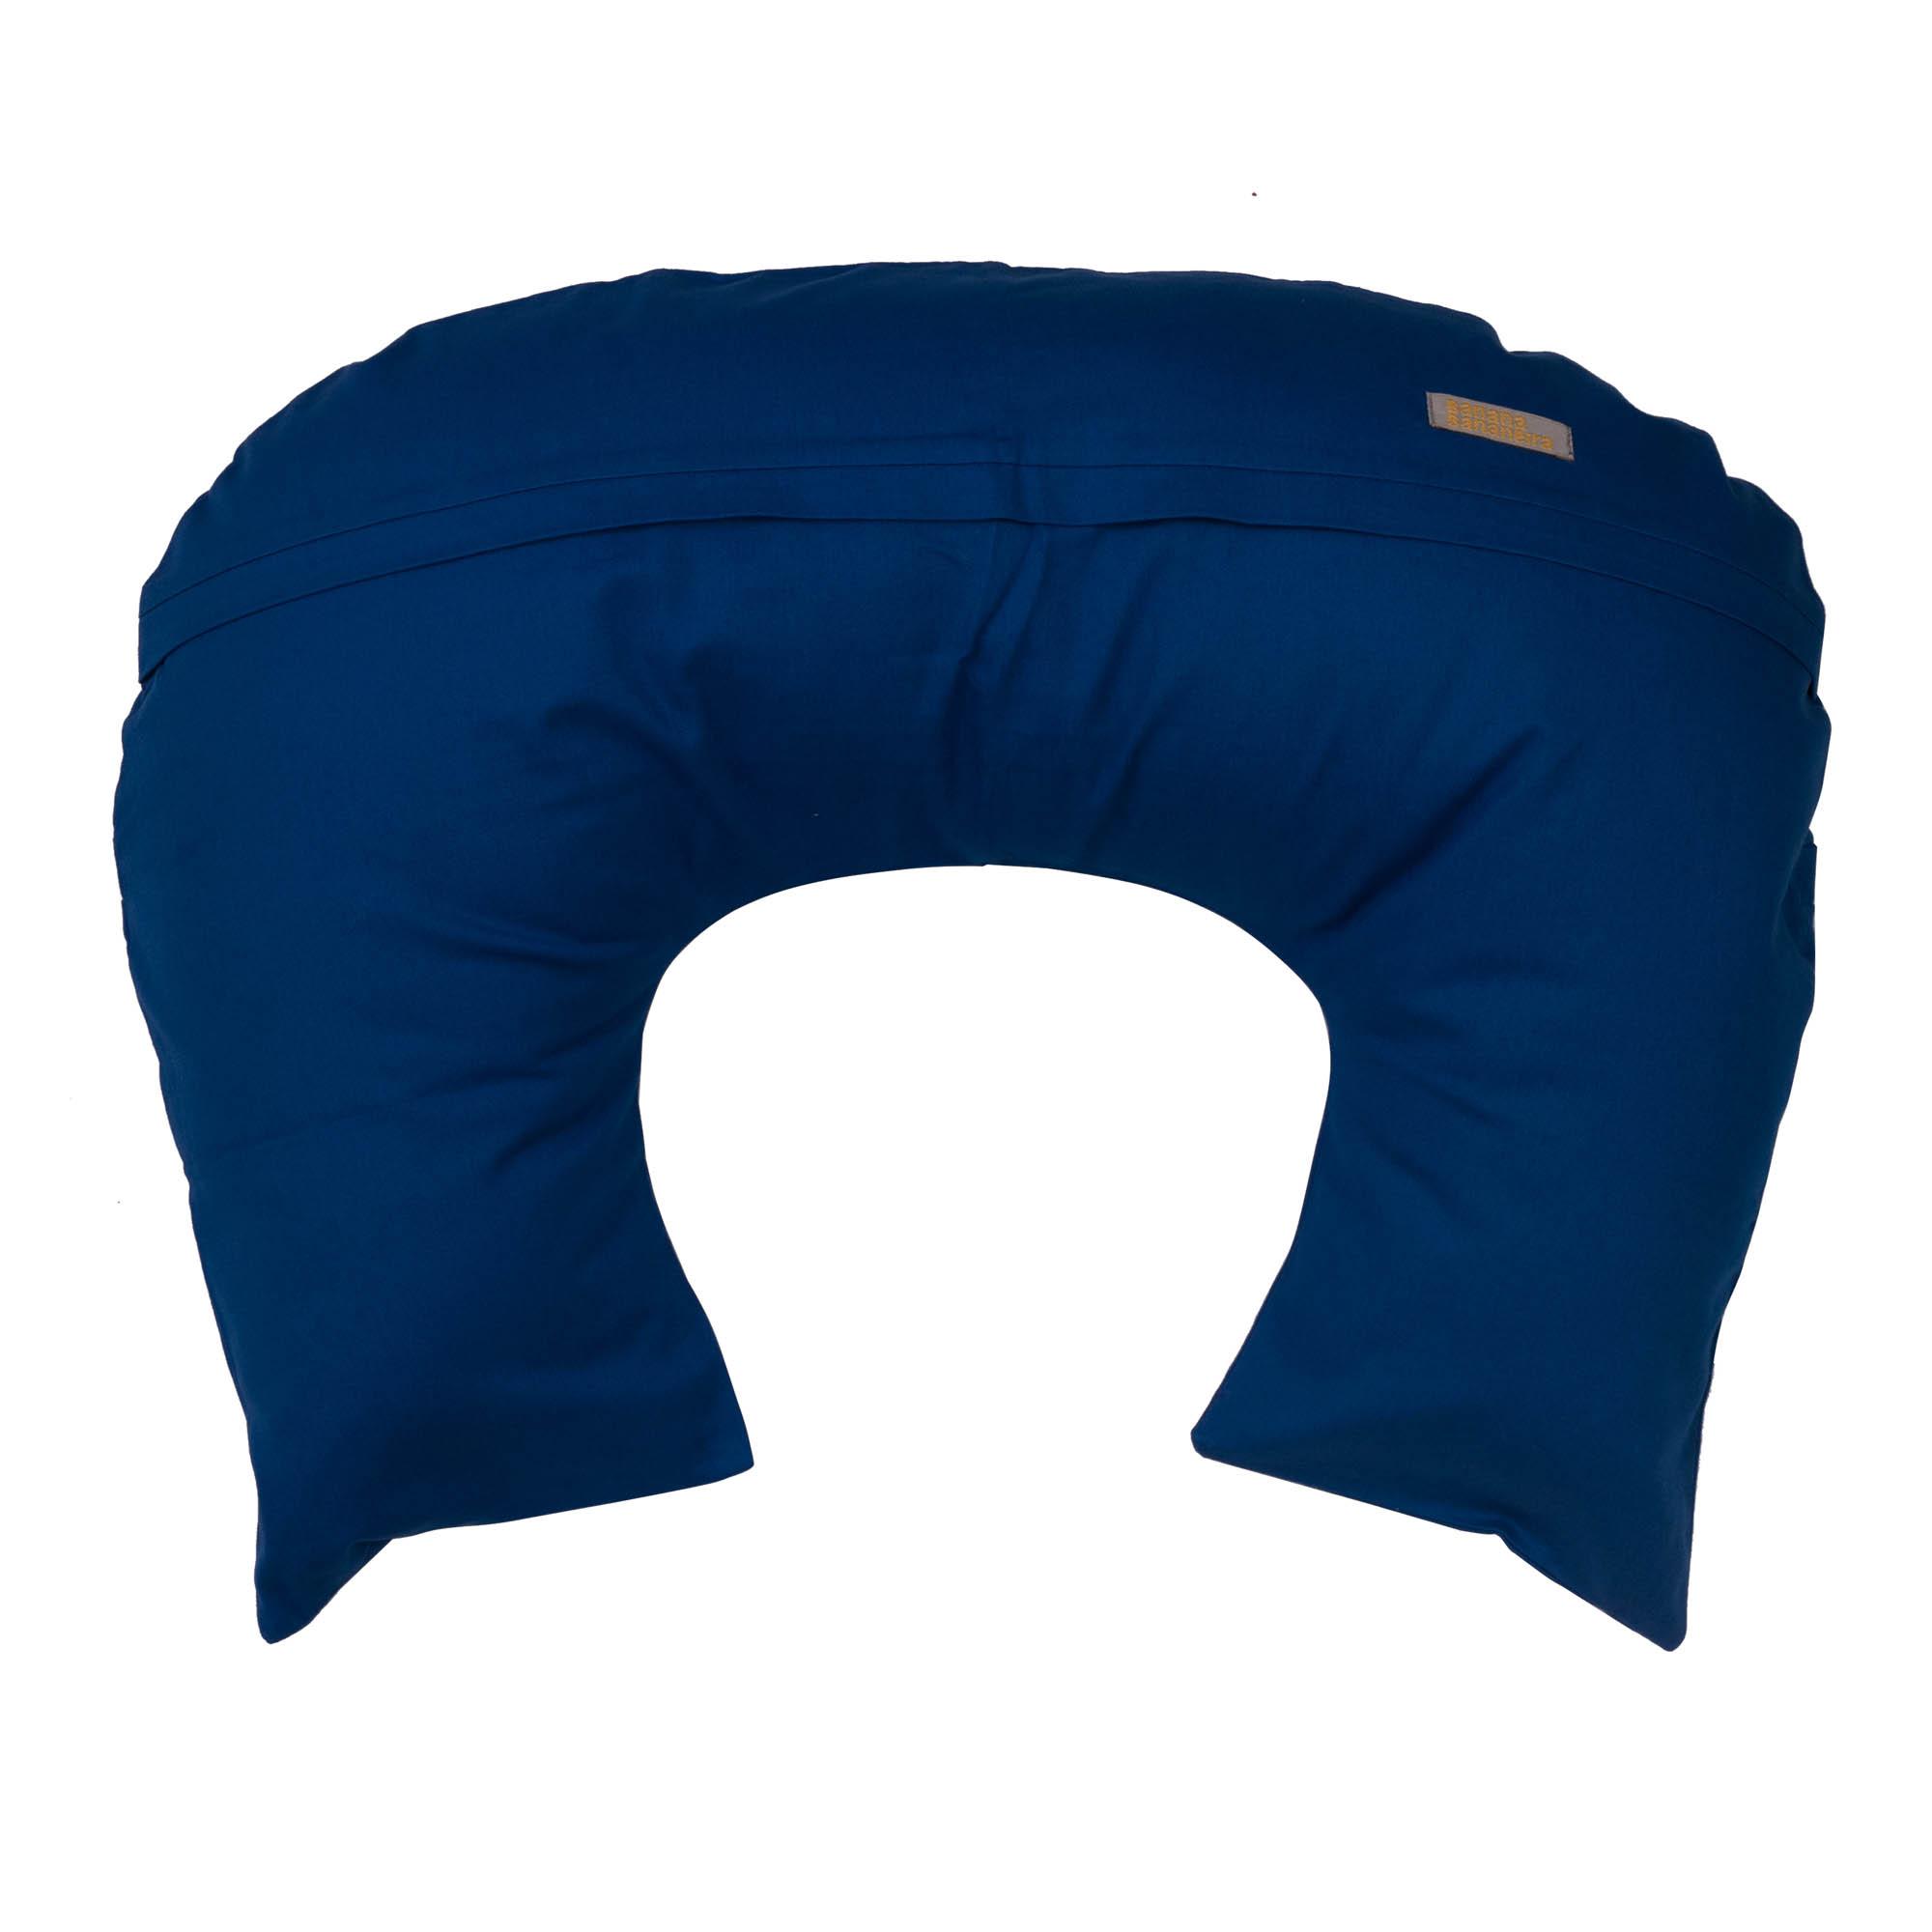 Almofada de amamentação azul clássico